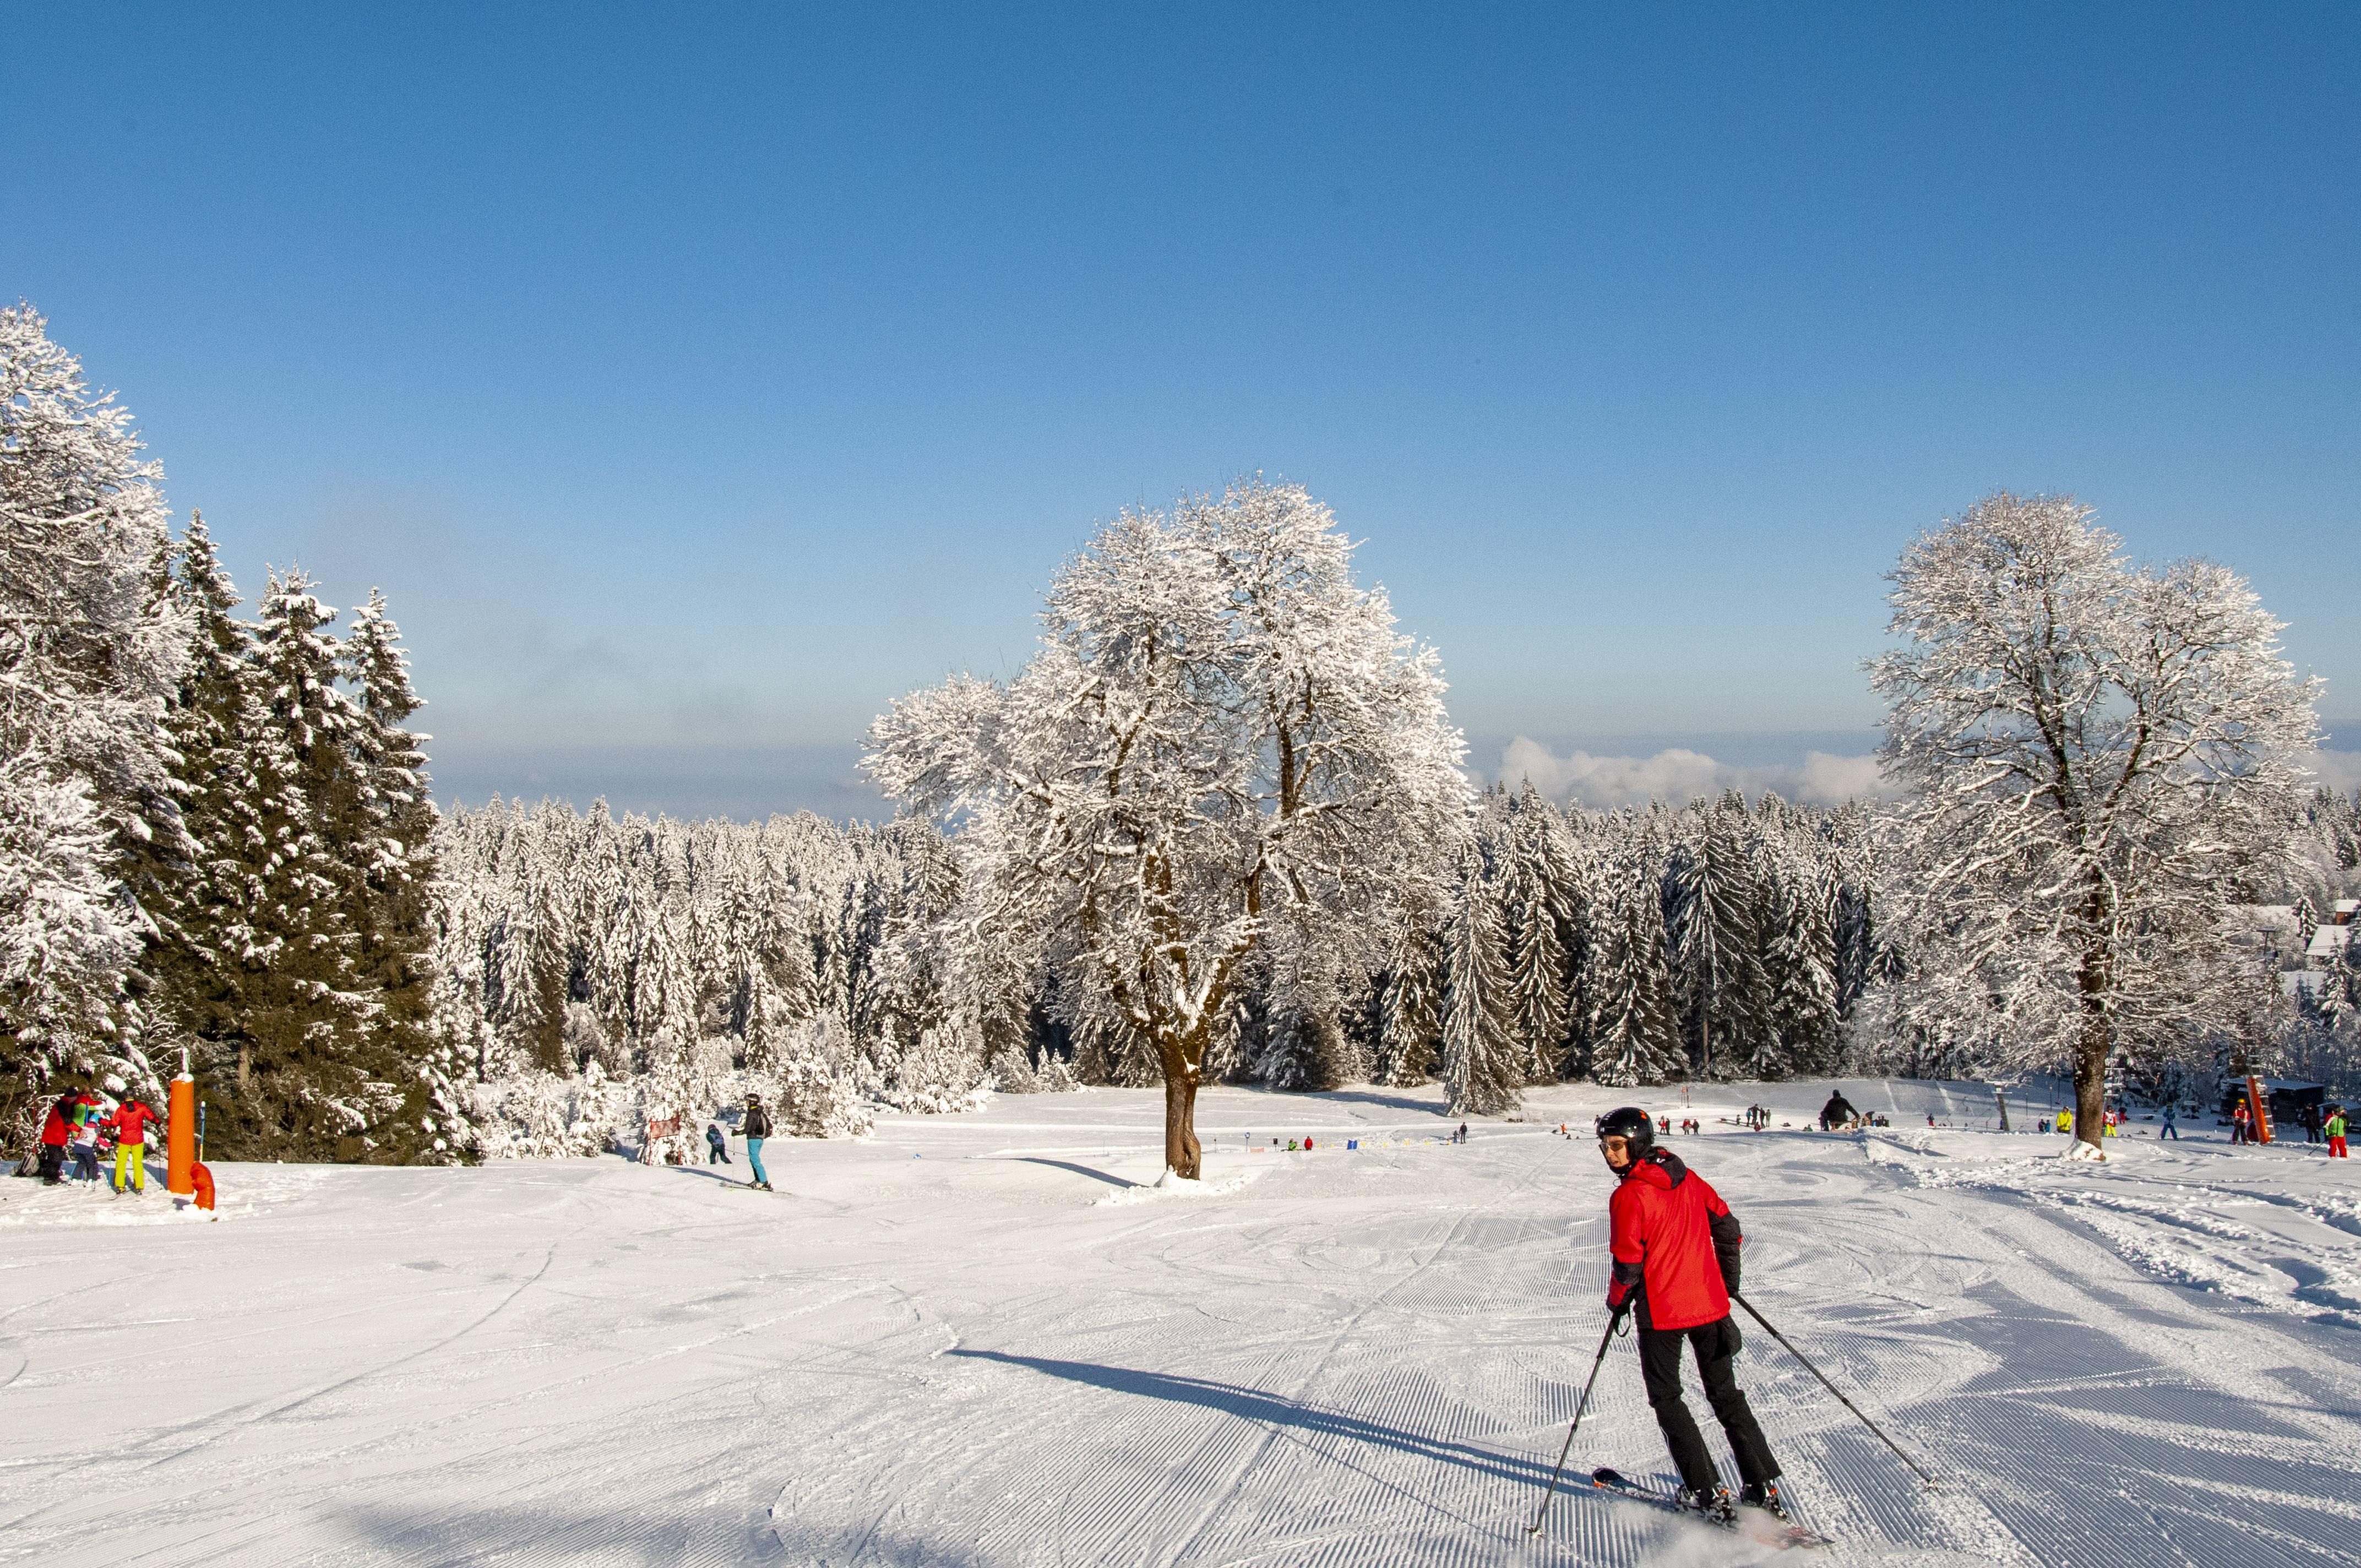 Skigebiet Bödele, Oberlosen / Copyright© Jürgen Kostelac, Tarifgemeinschaft Bödele